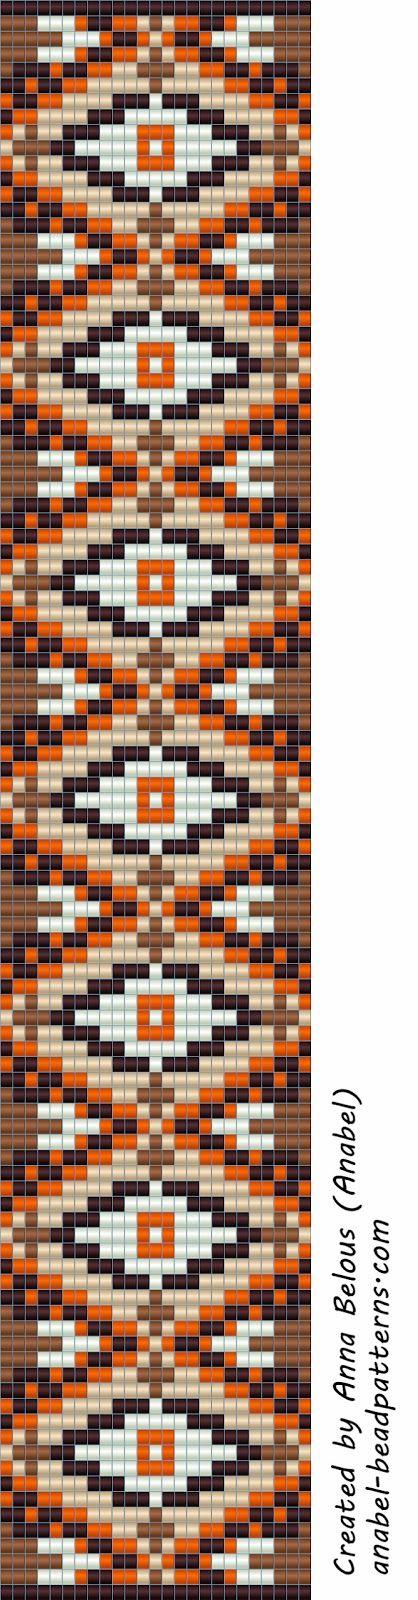 Схема браслета из бисера - станочное ткачество / гобеленовое плетение | - Схемы для бисероплетения / Free bead patterns -